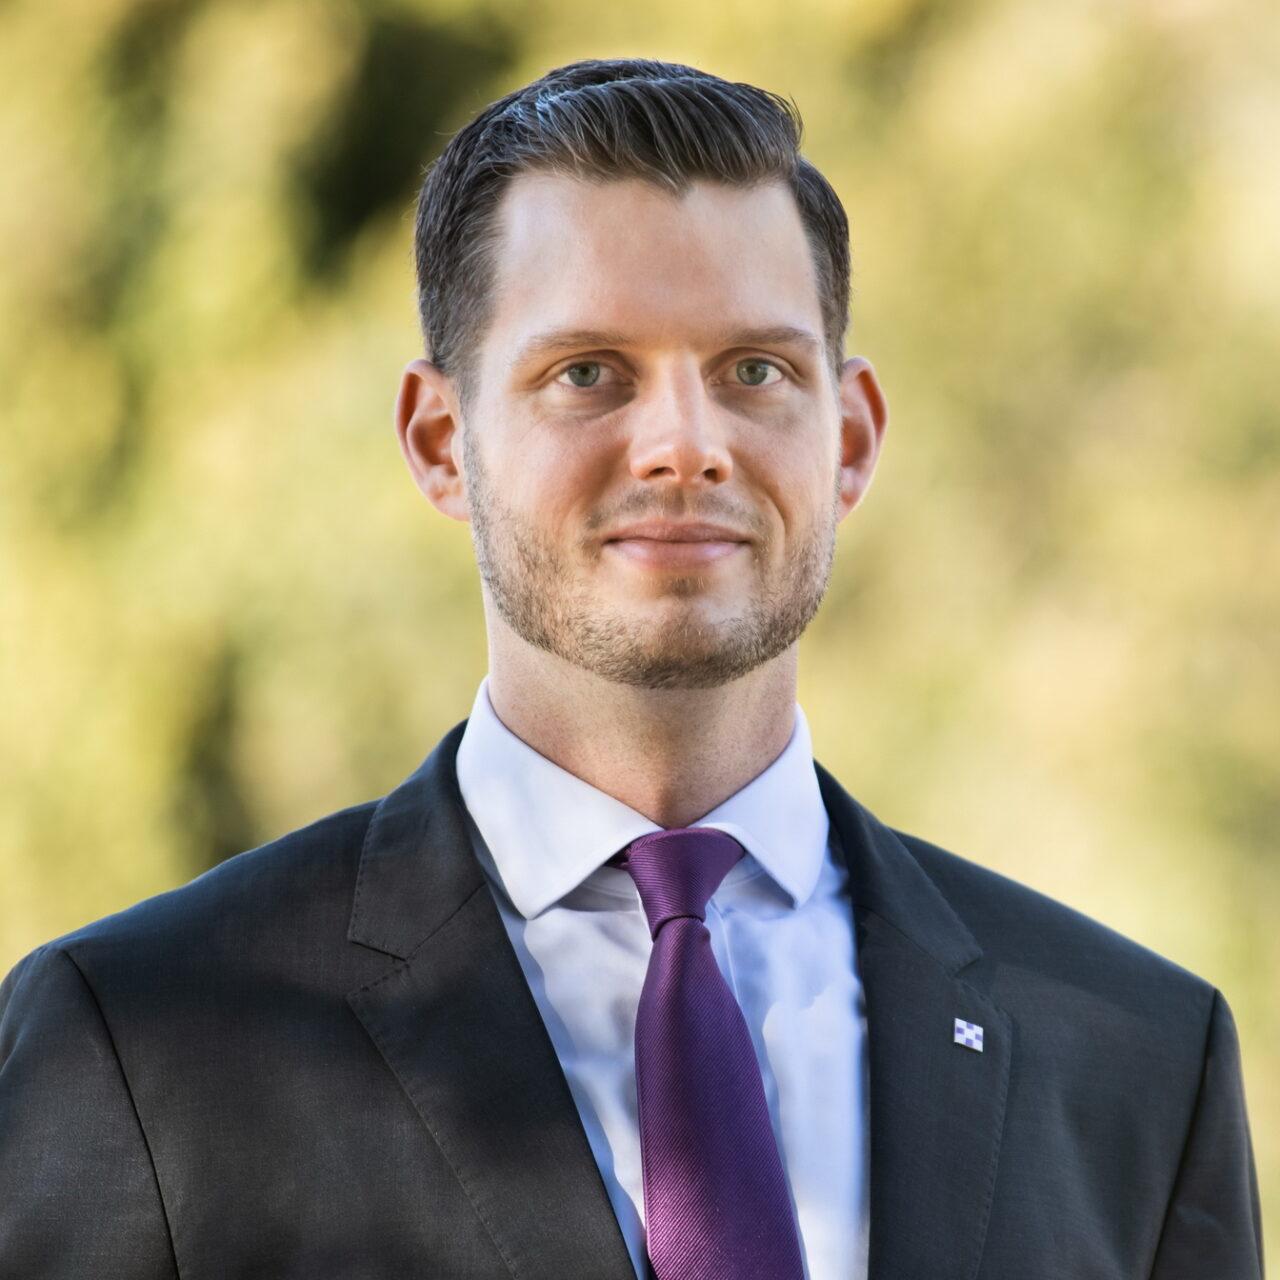 Neuer Leiter ESG-Integration im Portfoliomanagement